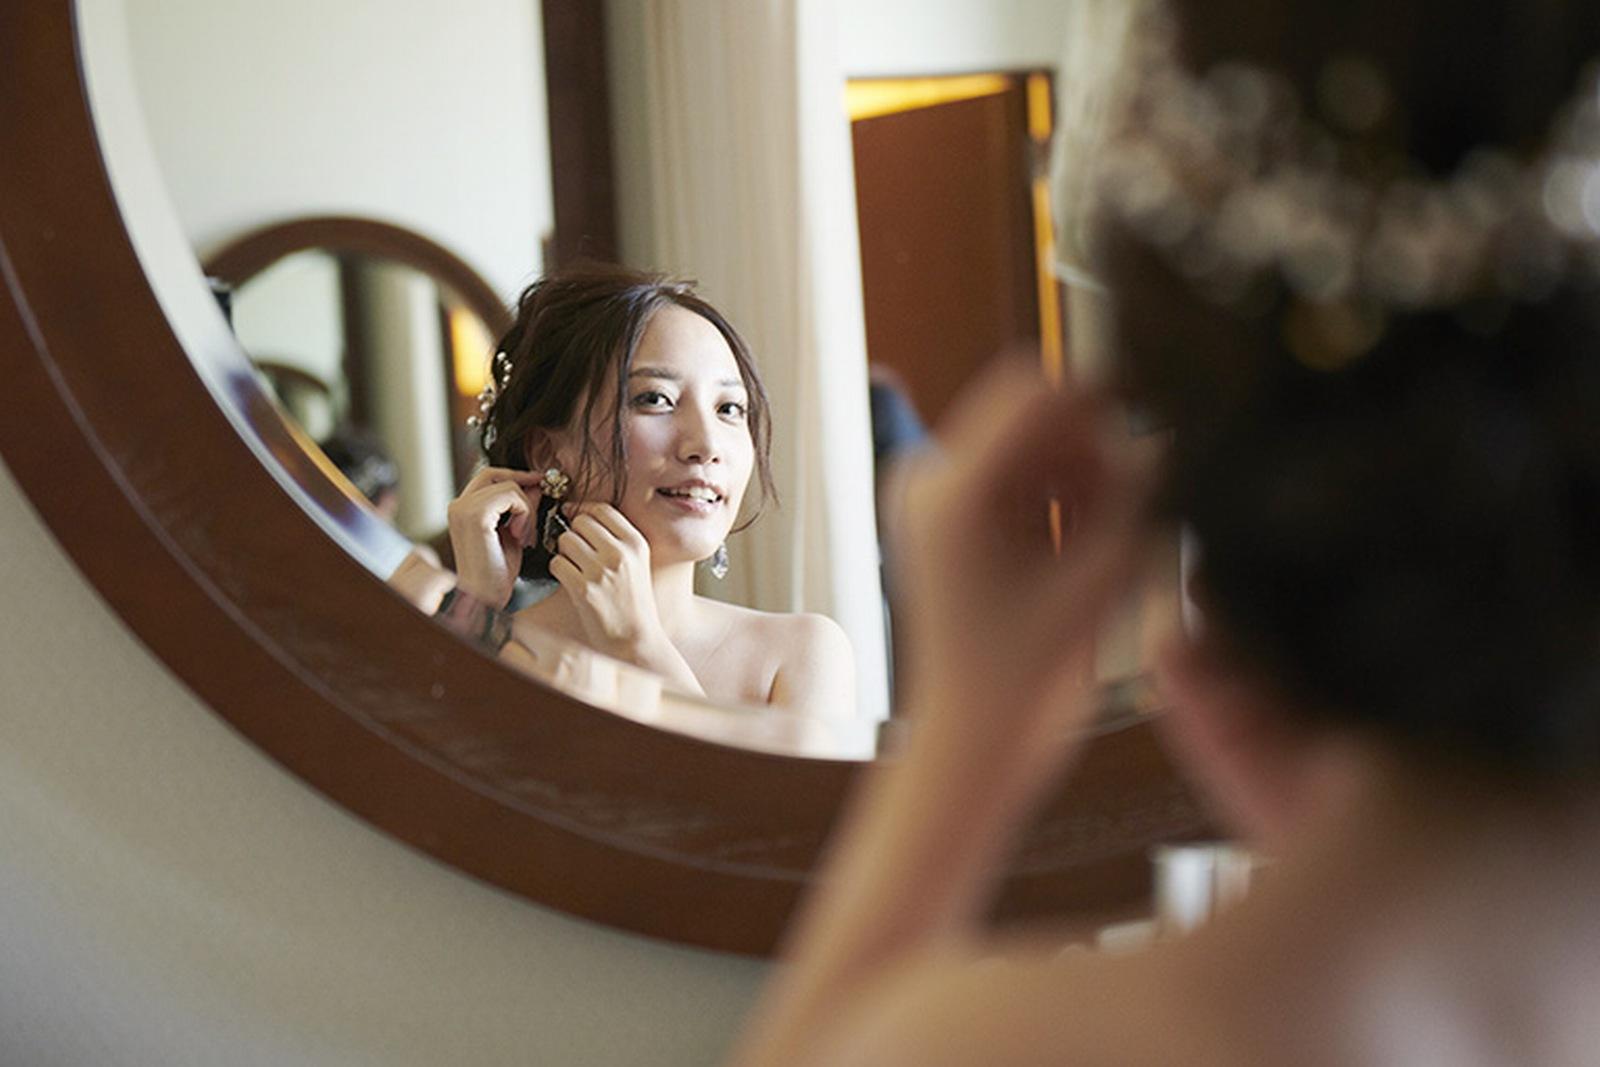 徳島県の結婚式場ブランアンジュの新郎新婦控室でイヤリングを付ける新婦